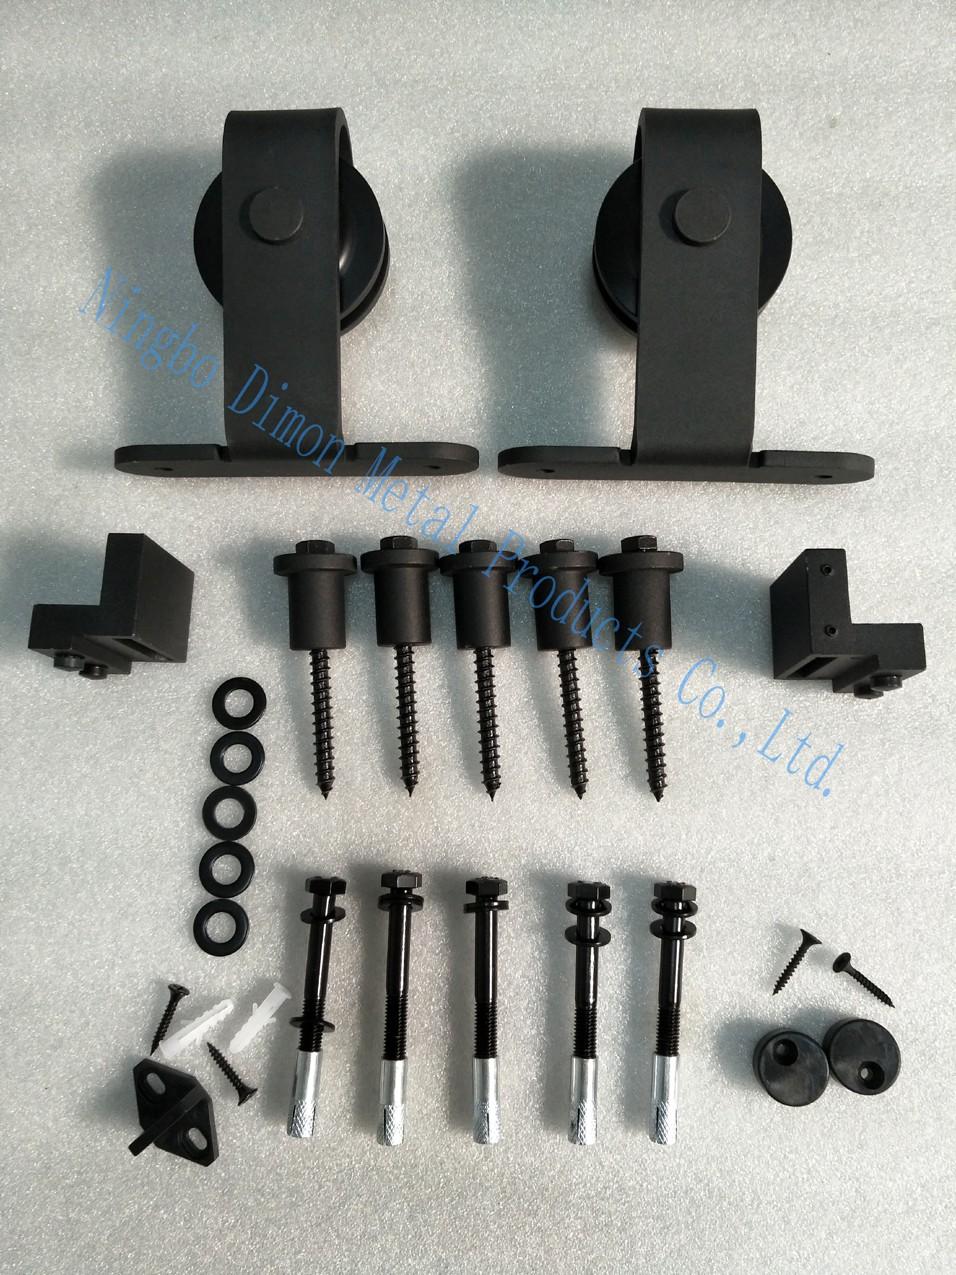 DM-SDU カスタマイズスライディングドアハードウェア木製納屋のドアハードウェアホイールアメリカスタイルスライディングドアハードウェア Mushi States 5